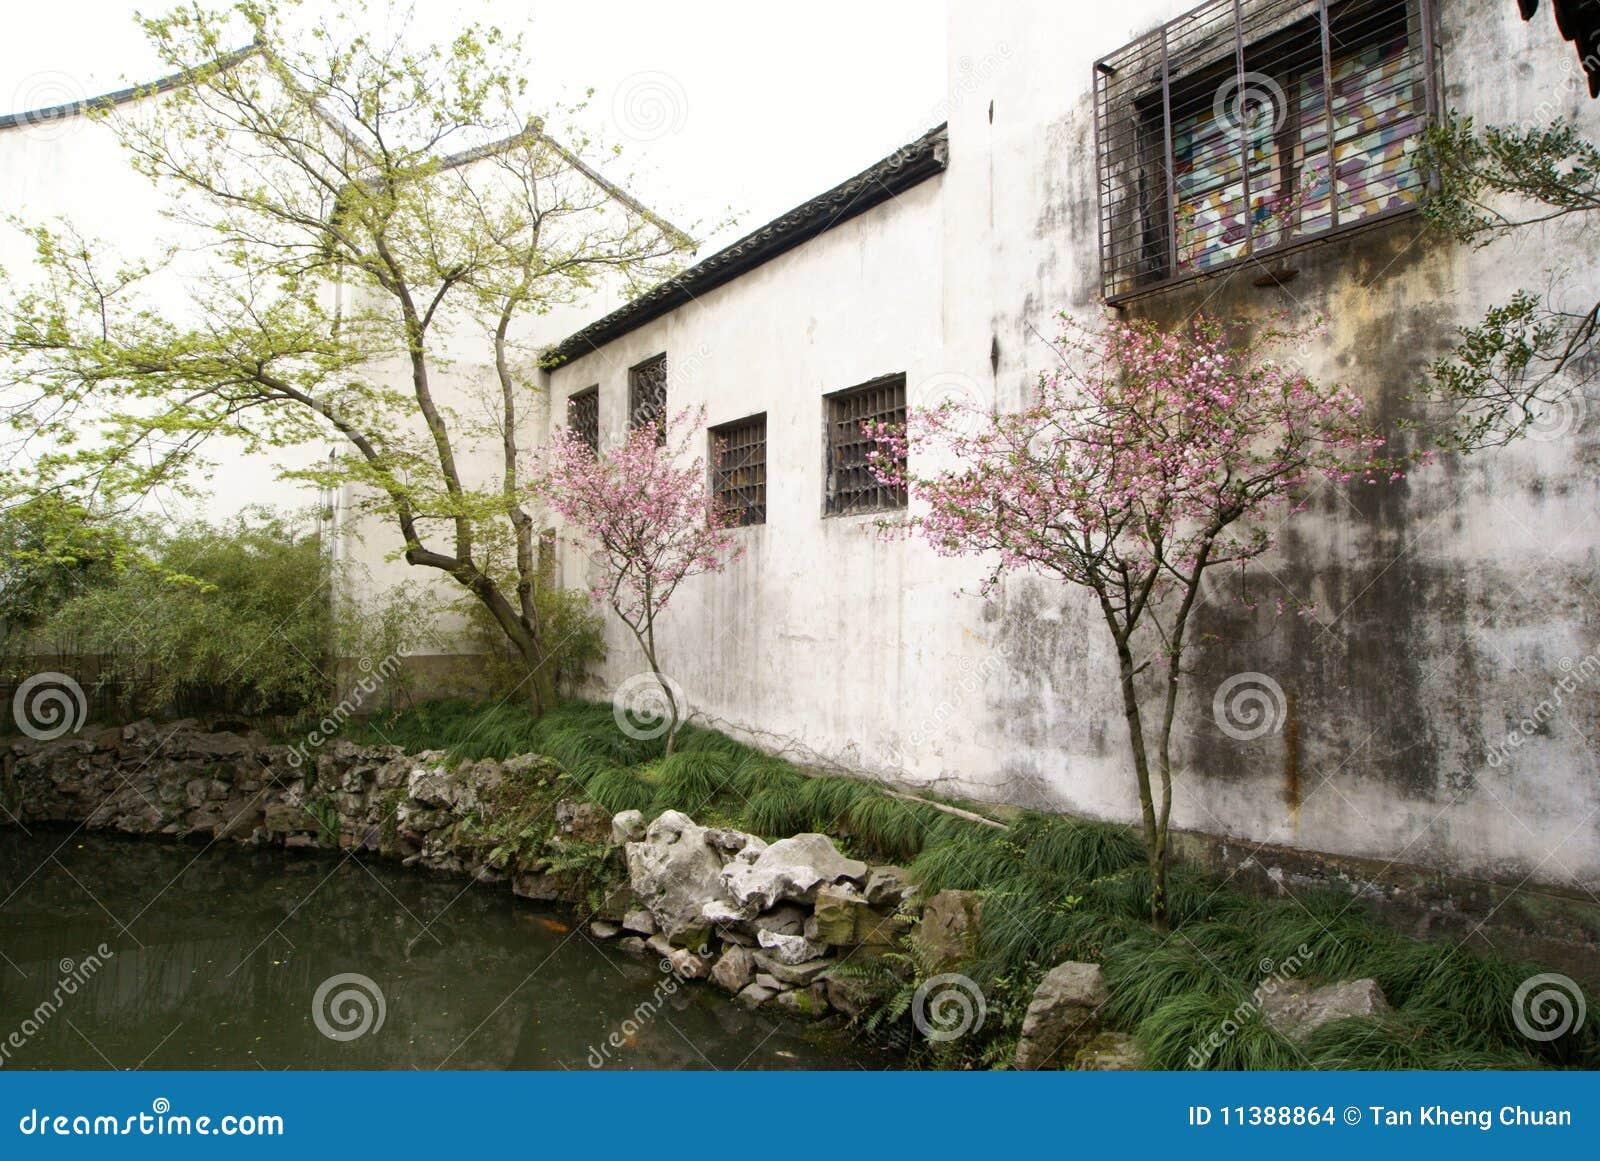 Witte Muur Van Chinese Tuin In Suzhou Stock Afbeeldingen   Beeld  11388864